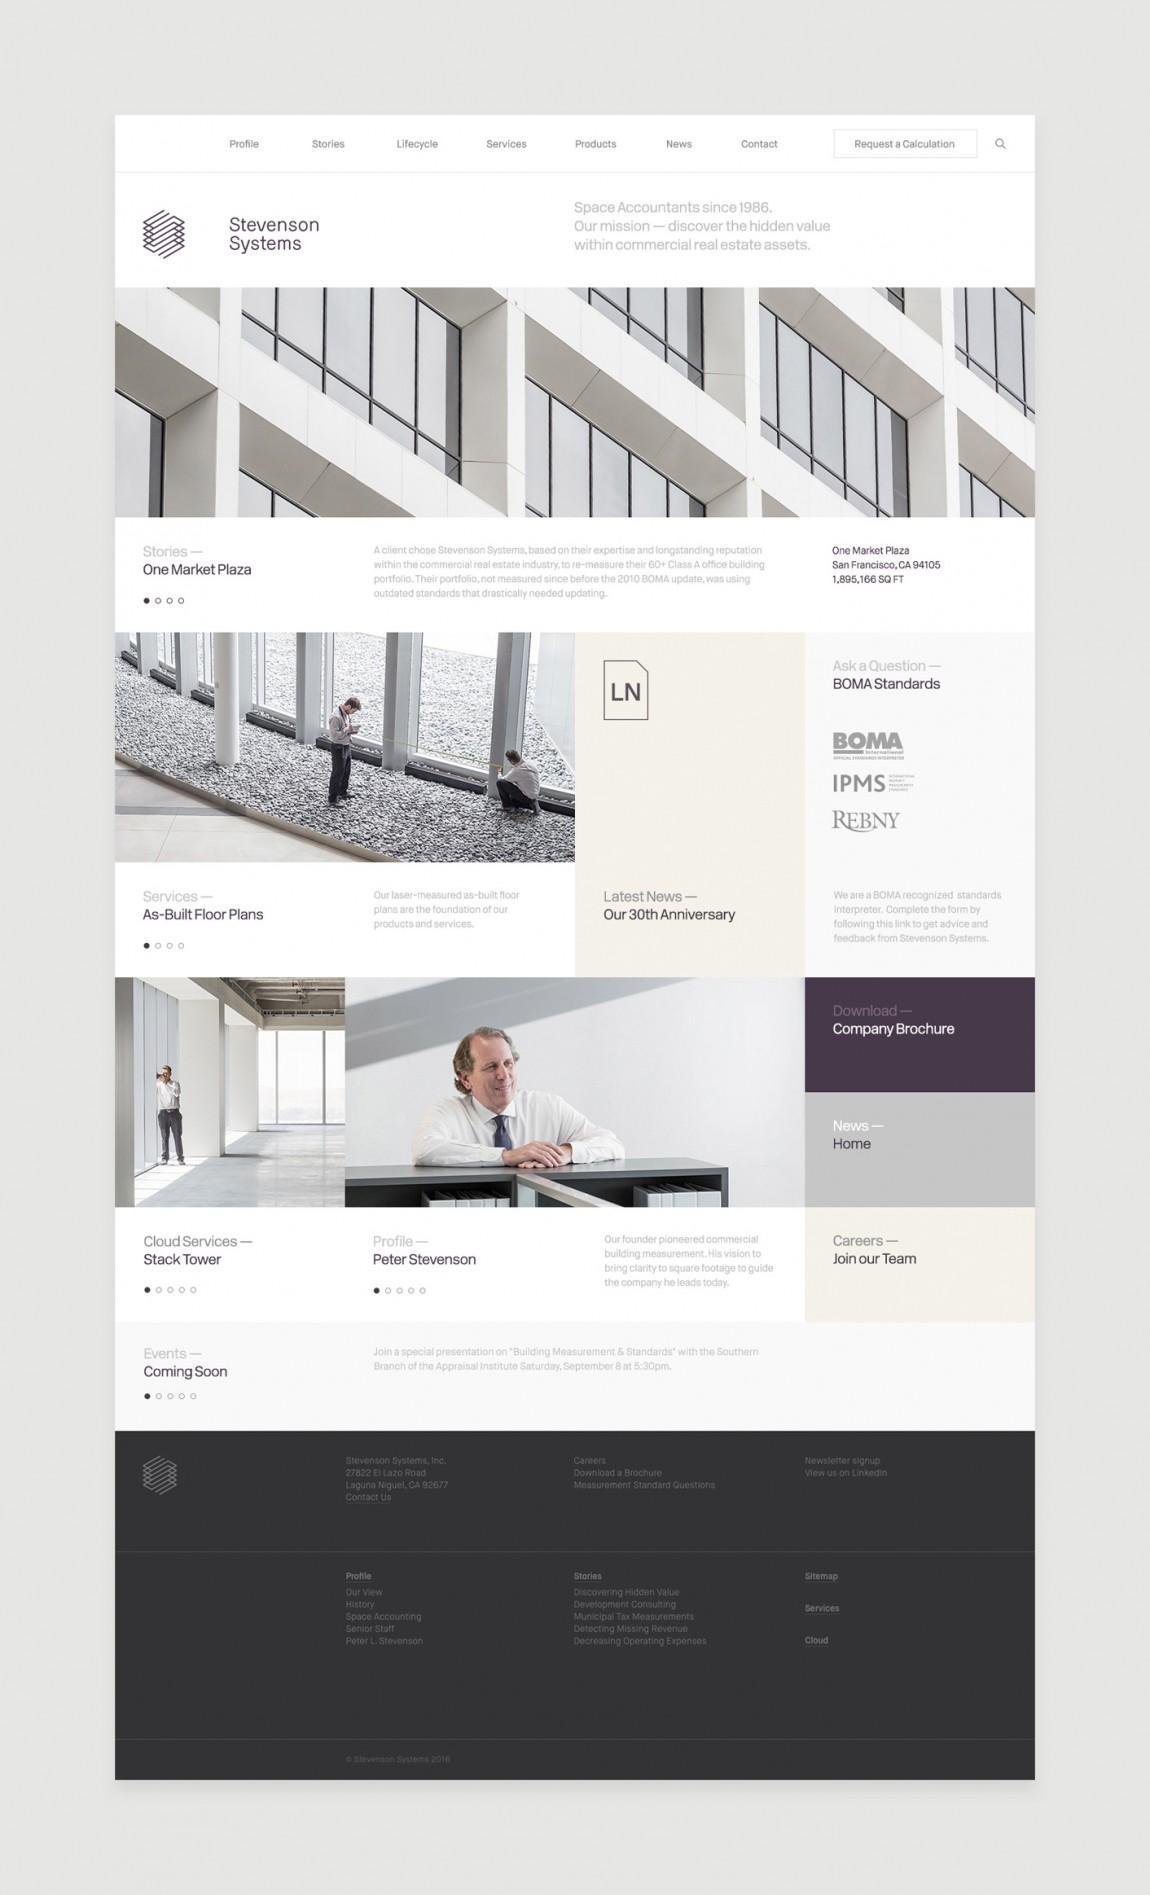 Stevenson Systems 建筑空间咨询公司品牌形象塑造全案设计,企业网站设计